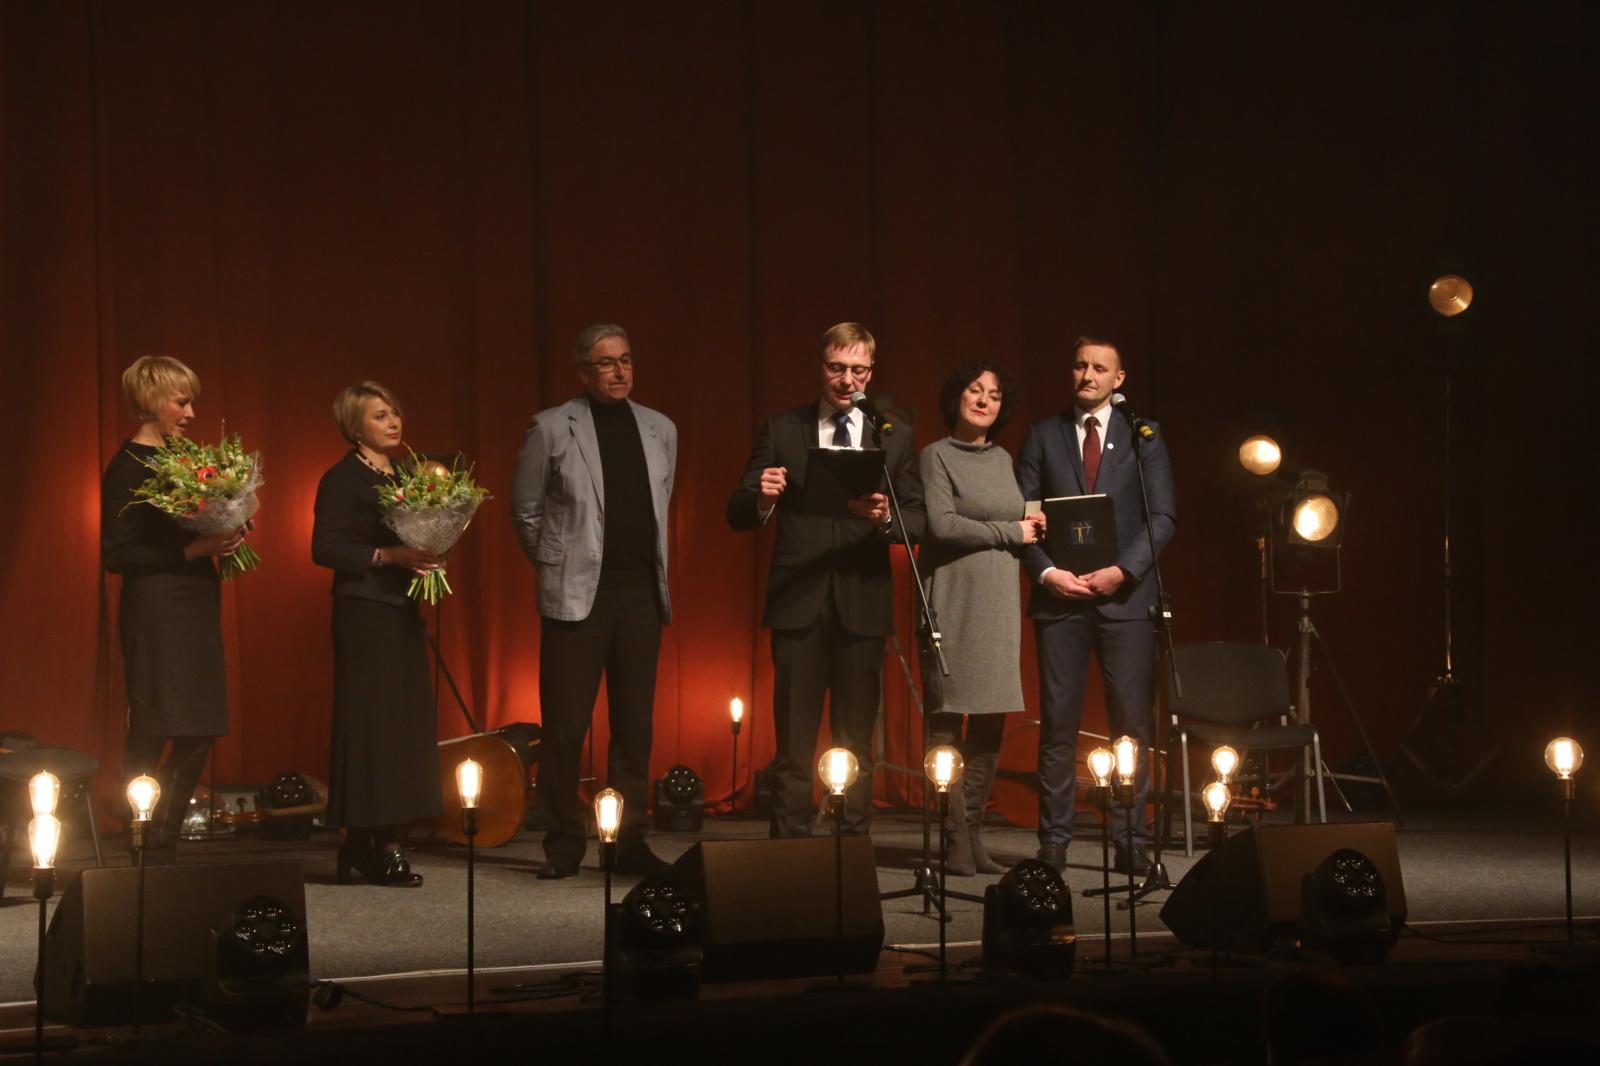 Šiauliuose iškilmingai paminėta Tarptautinė teatro diena (vaizdo įrašas)